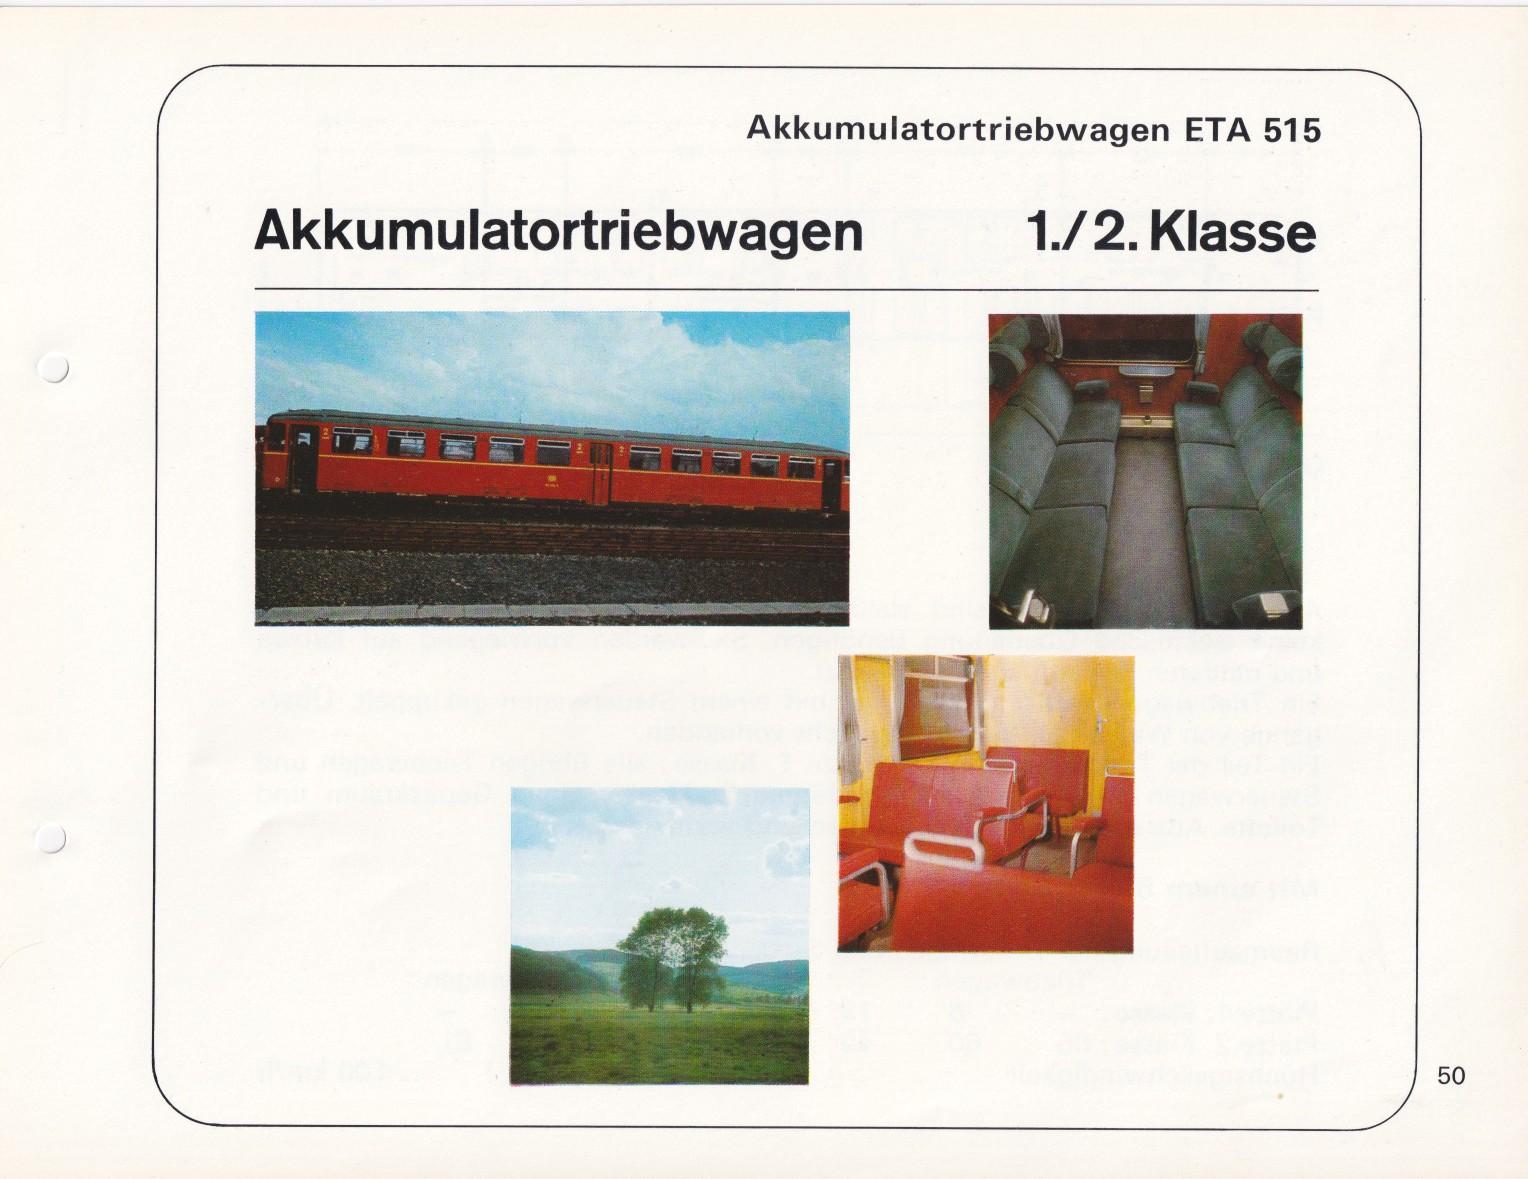 https://www.nullclub.de/hifo/Fahrzeuglexikon/Wagen50a.jpg